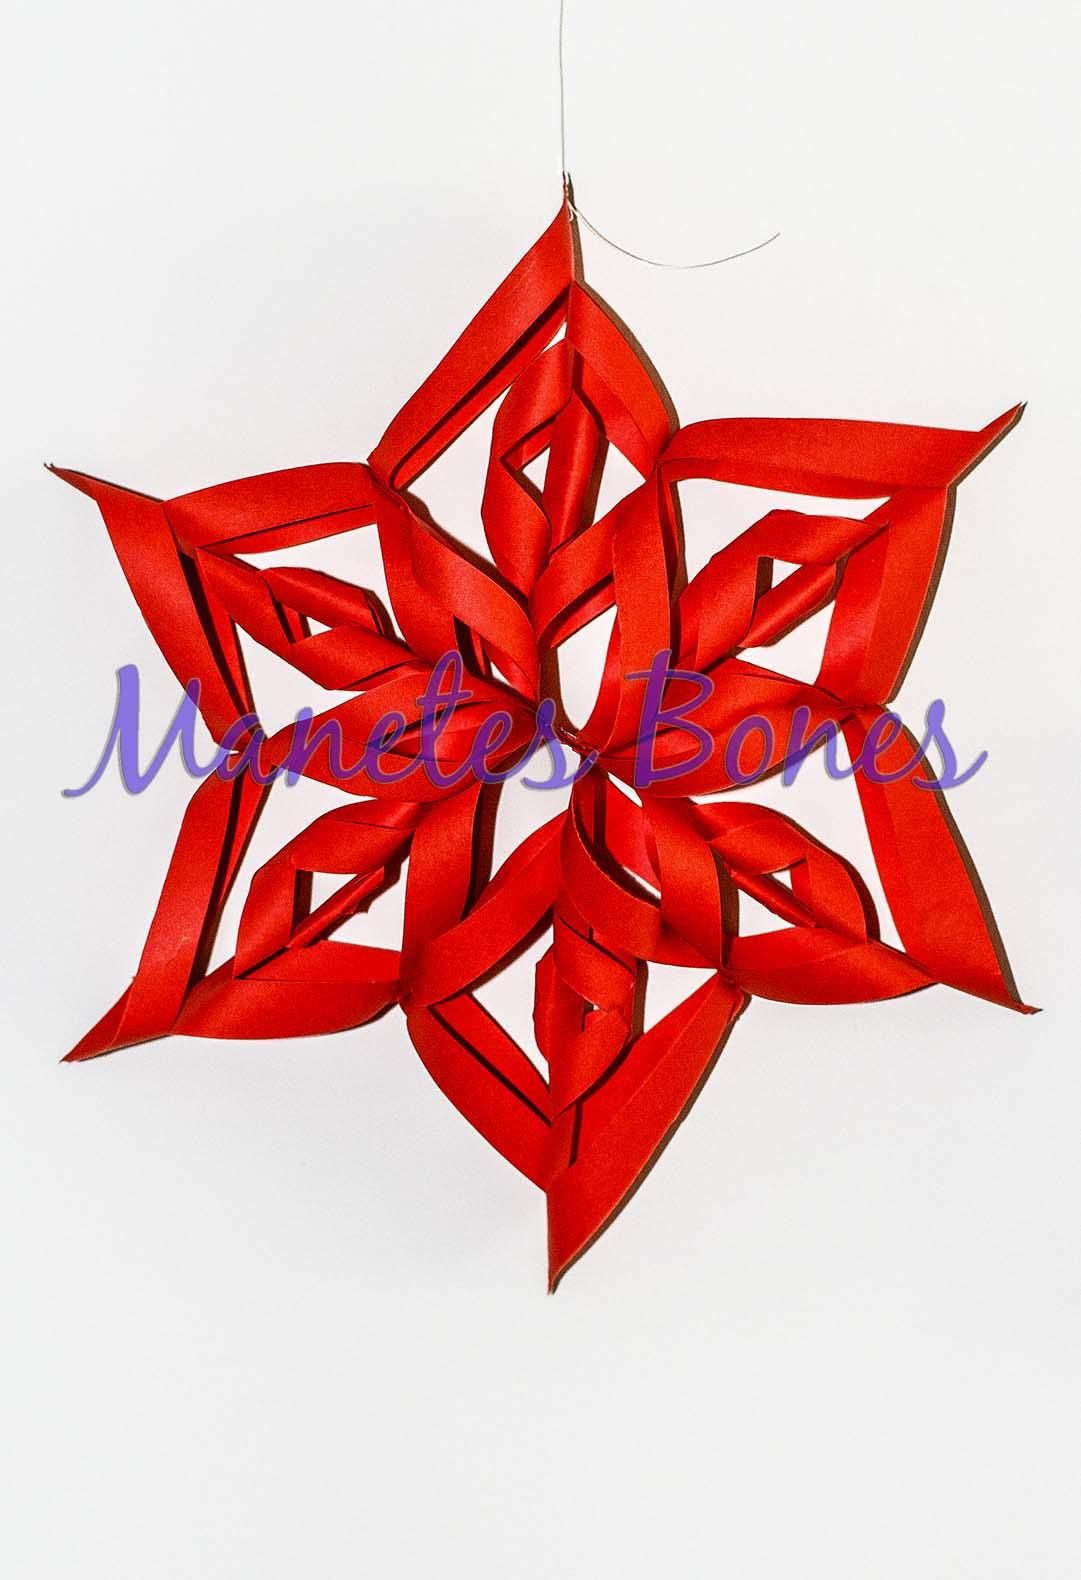 Estrella de navidad viernes de papel videotutorial diy - Estrellas de papel para navidad ...